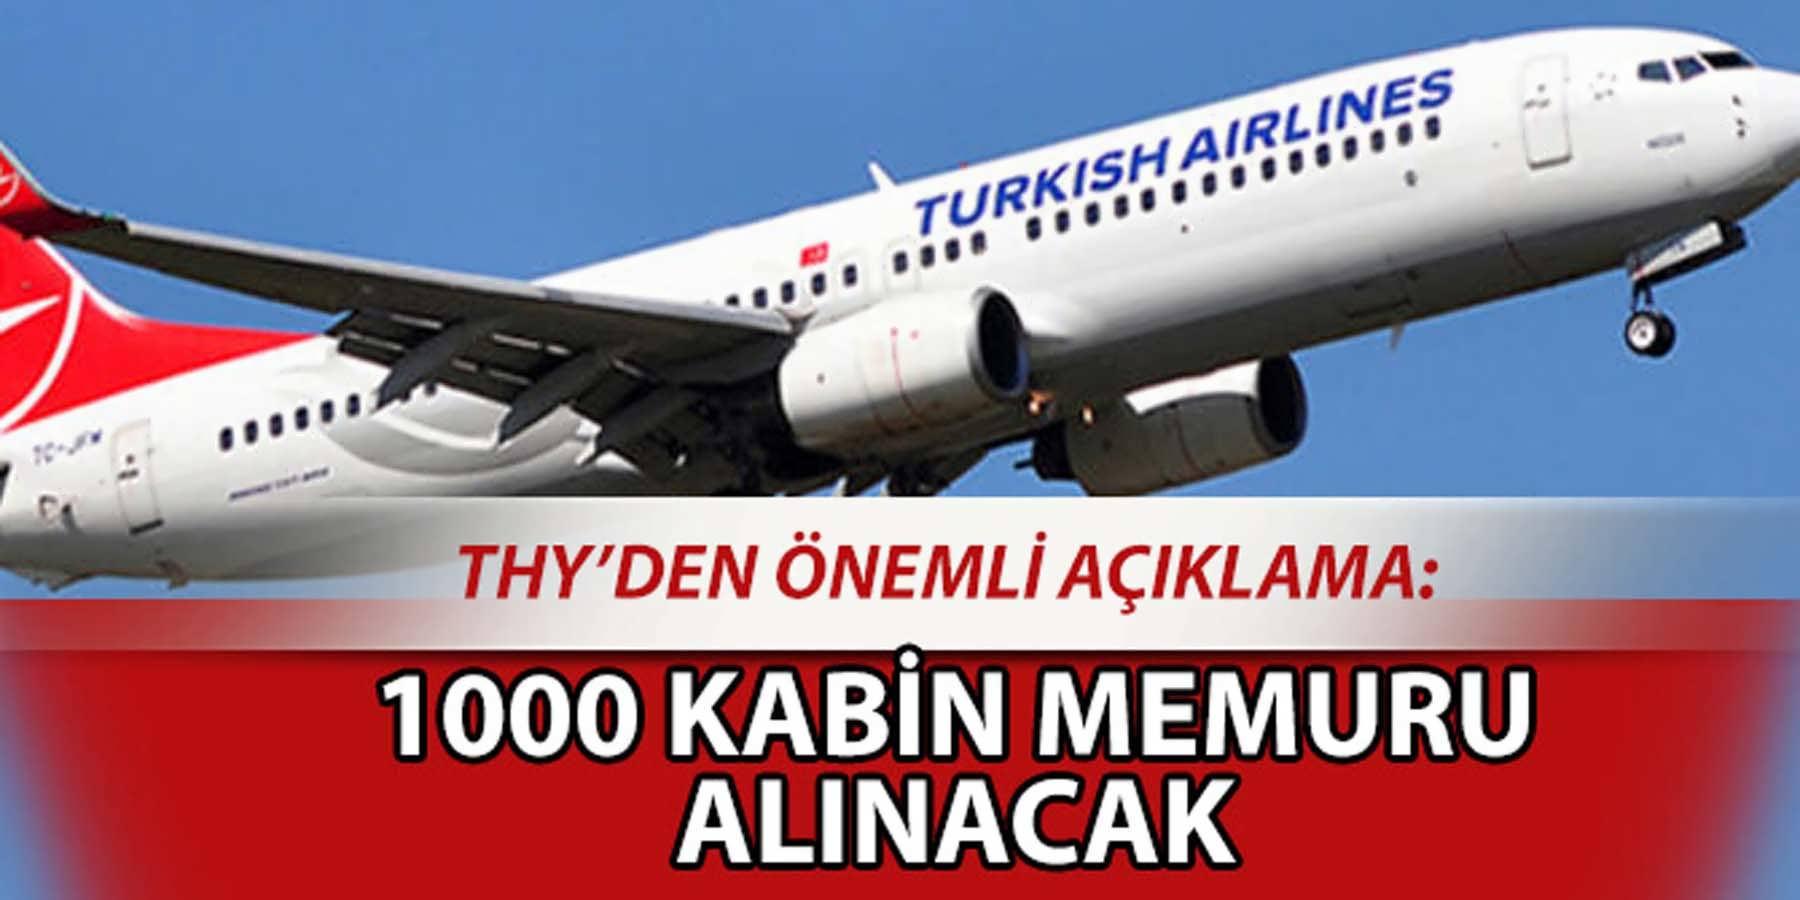 Türk Hava Yollarından 1000 Kabin Memuru Alımı Açıklaması